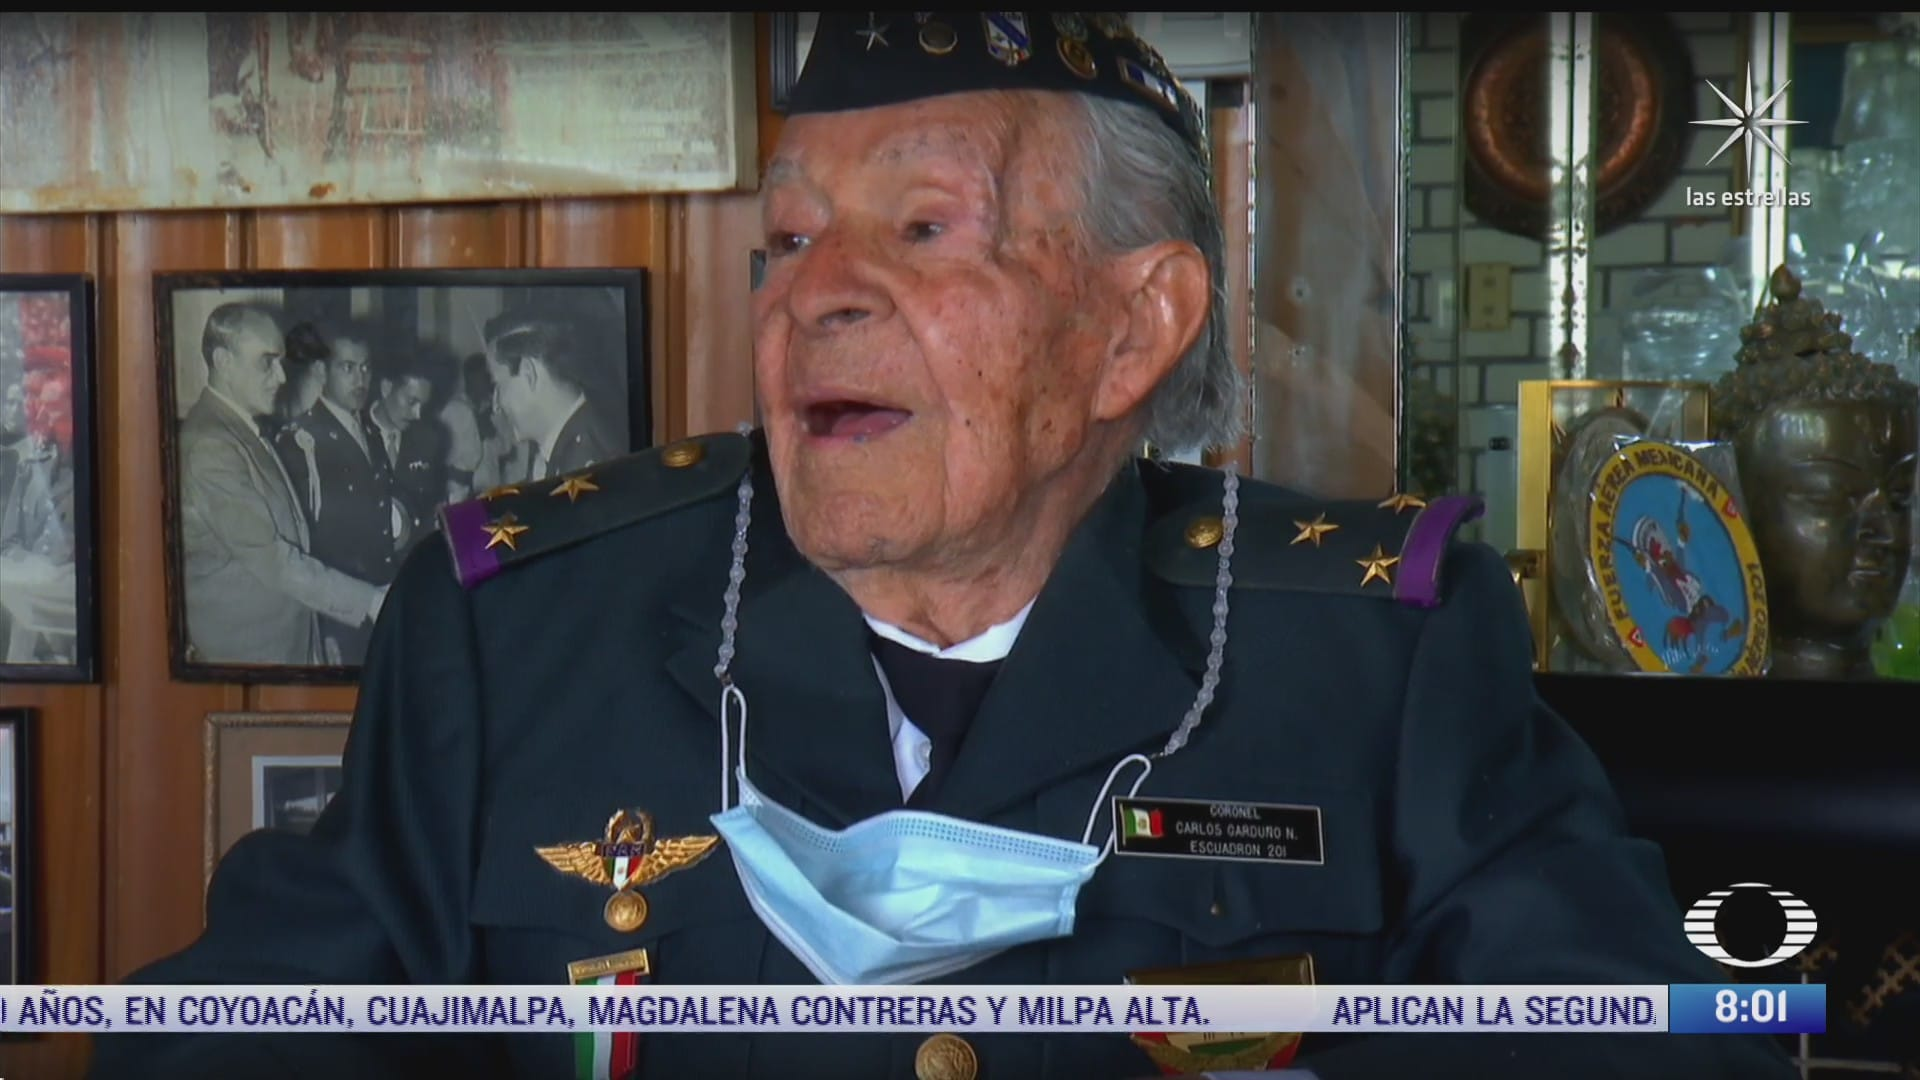 carlos garduno coronel sobreviviente del escuadron